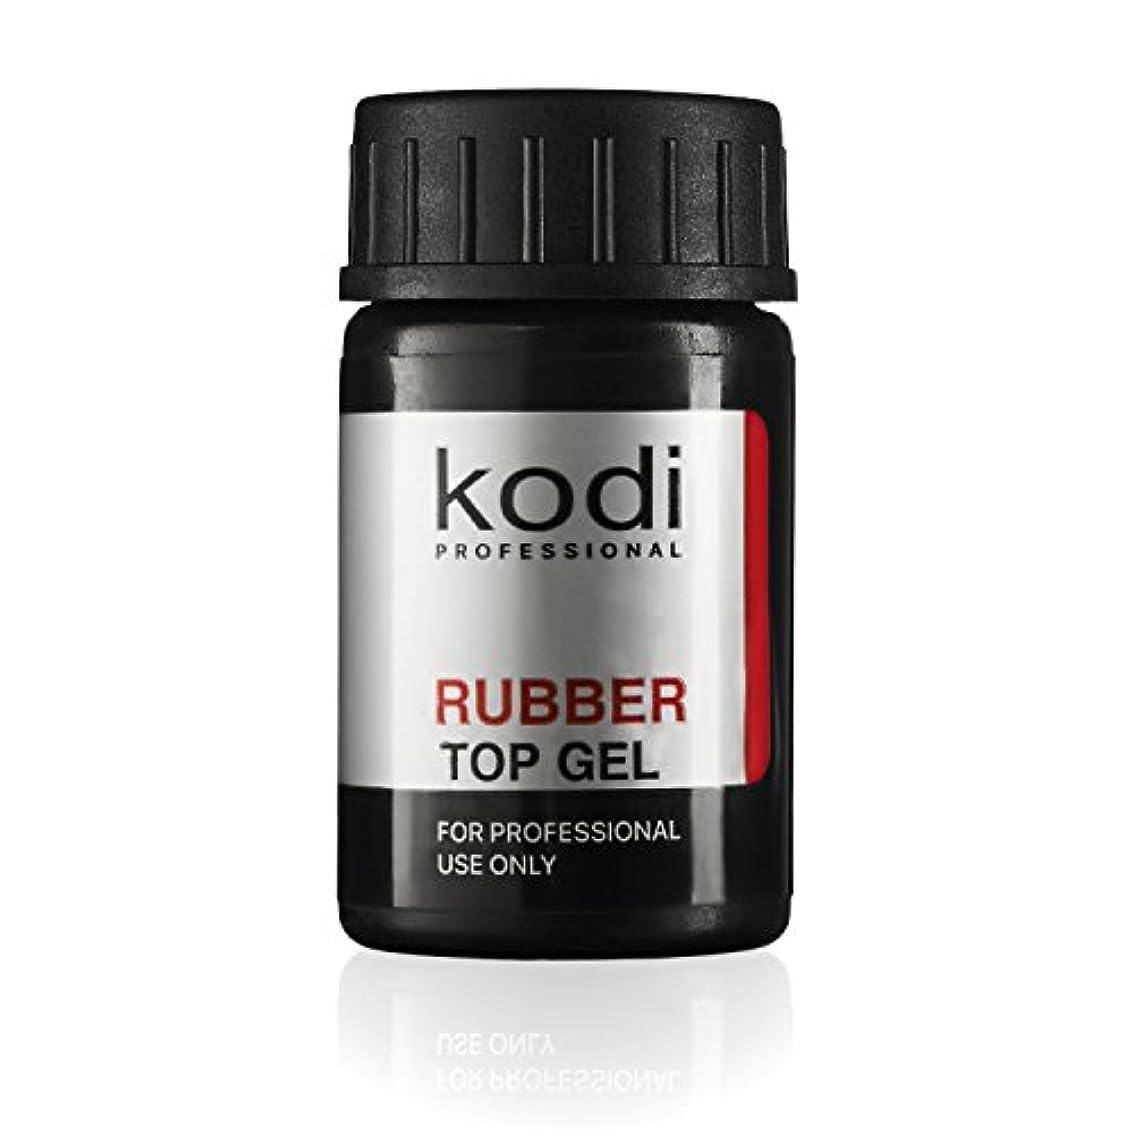 ハウジング聴覚障害者台風Professional Rubber Top Gel By Kodi | Soak Off, Polish Fingernails Coat Gel | For Long Lasting Nails Layer | Easy...